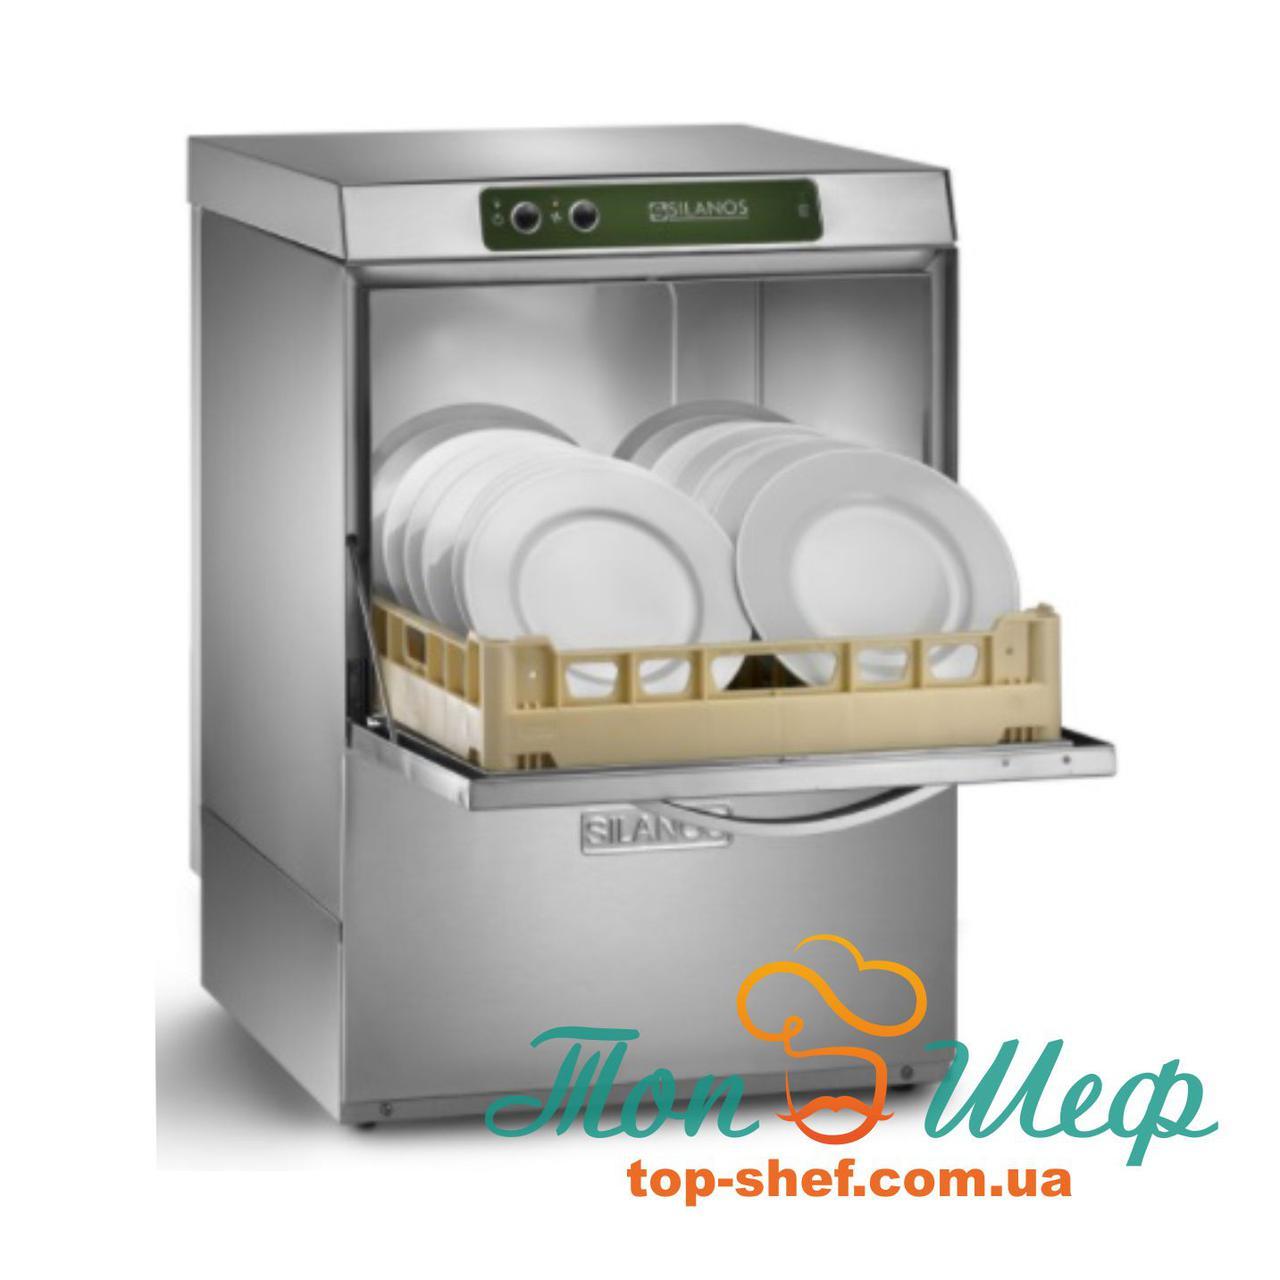 Посудомоечная машина Silanos NЕ 700 PD/РВ с помпой